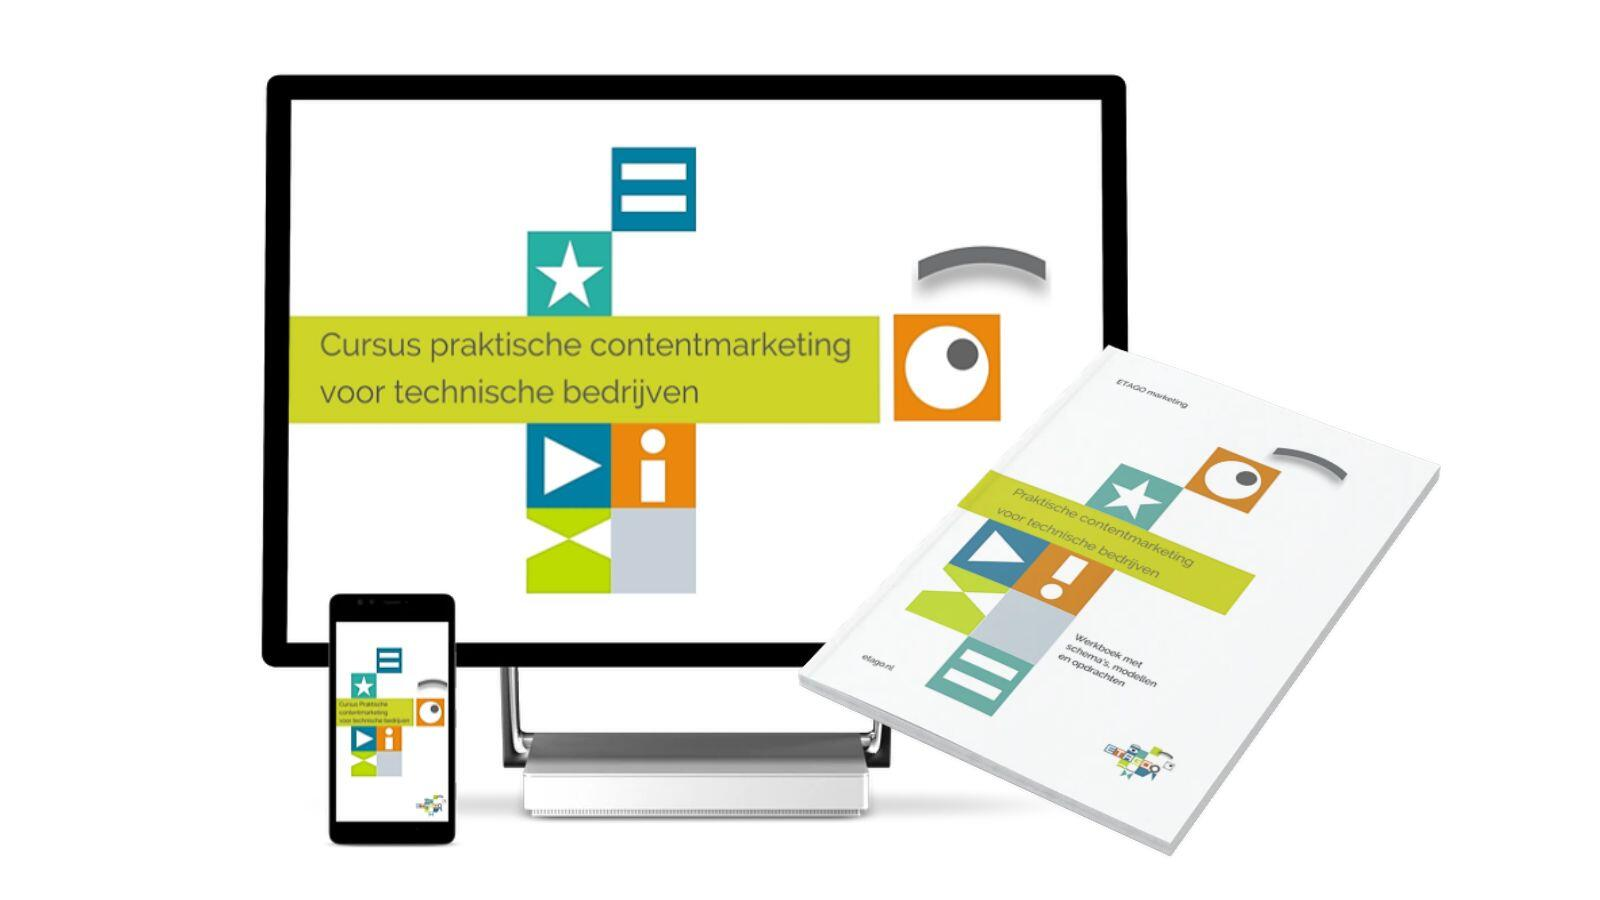 cursus praktische contentmarketing technische bedrijven